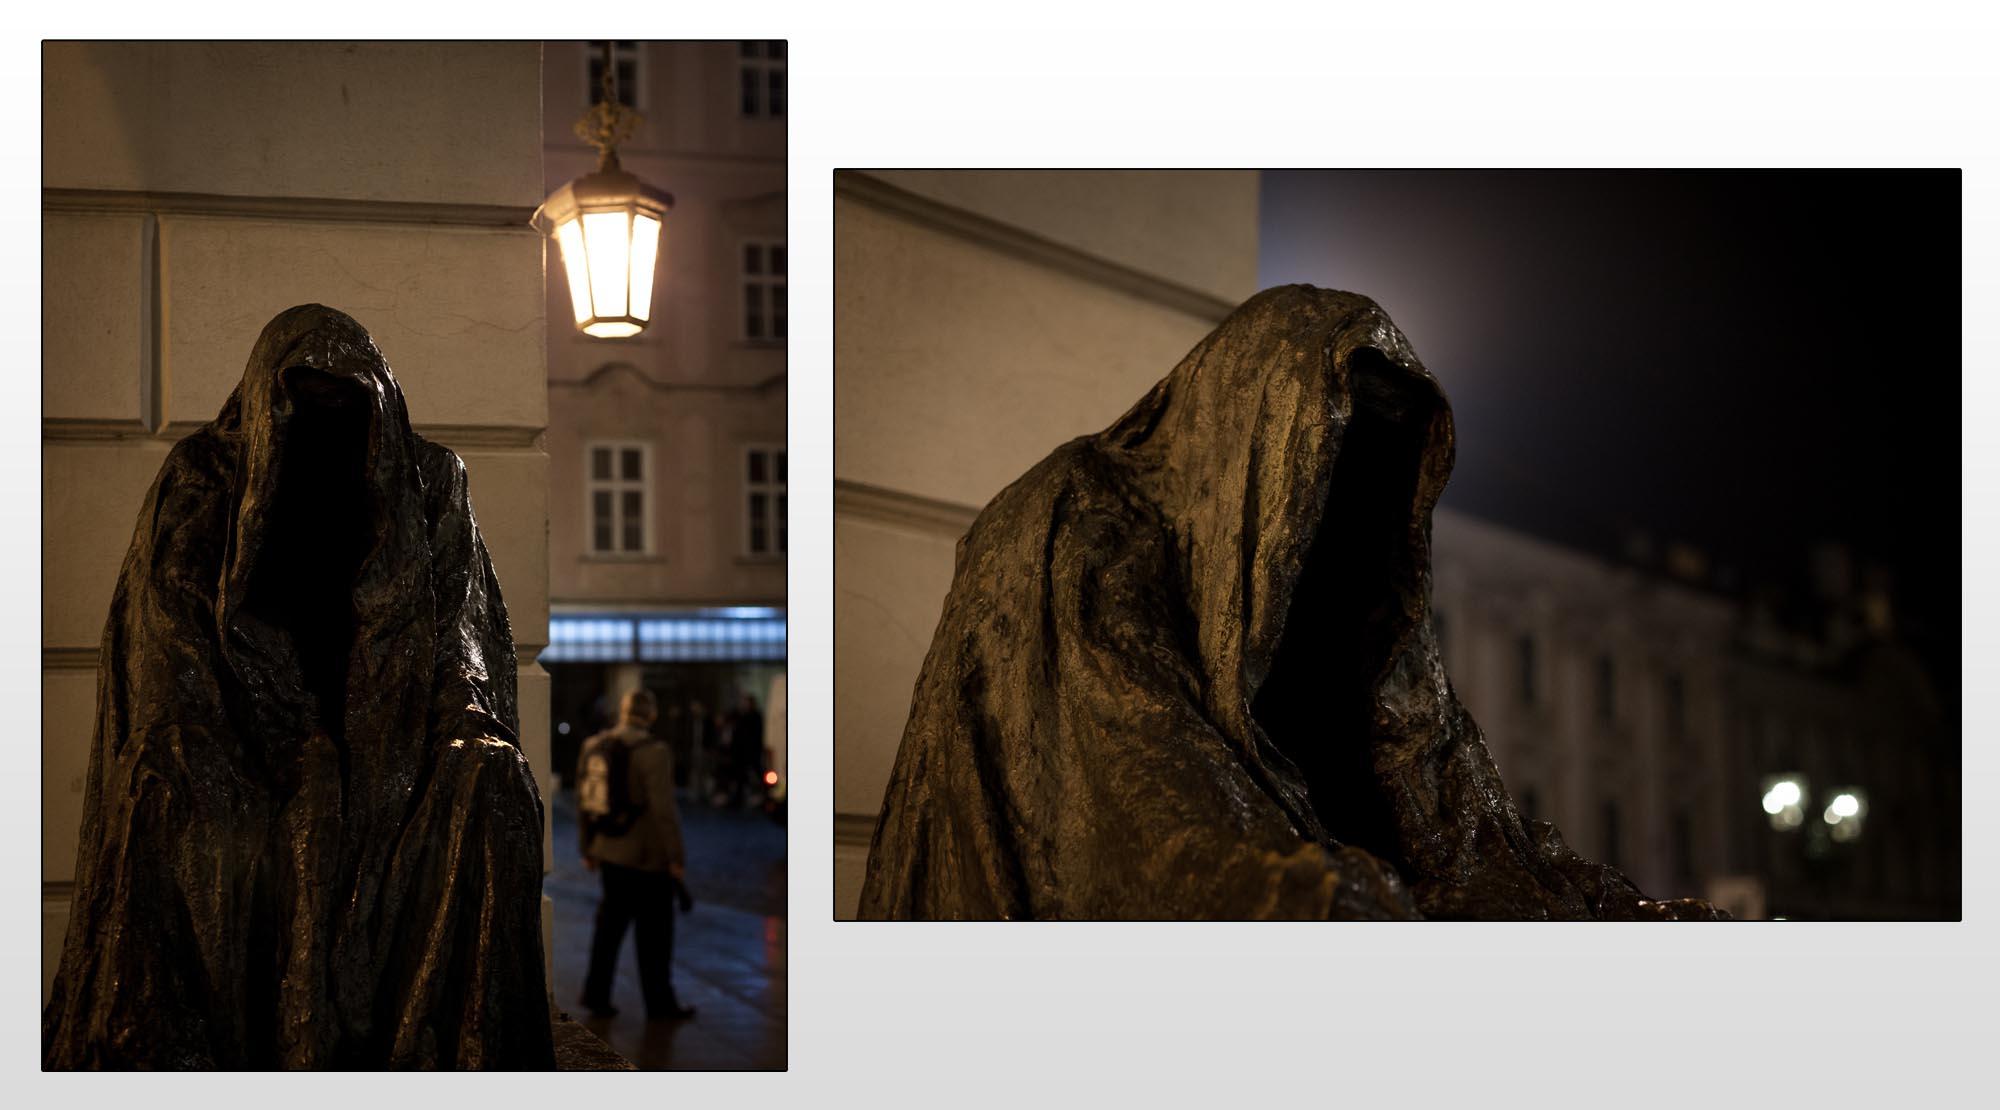 Statue-in-Prag---Bildwirkung-und-Perspektive-Beispiel